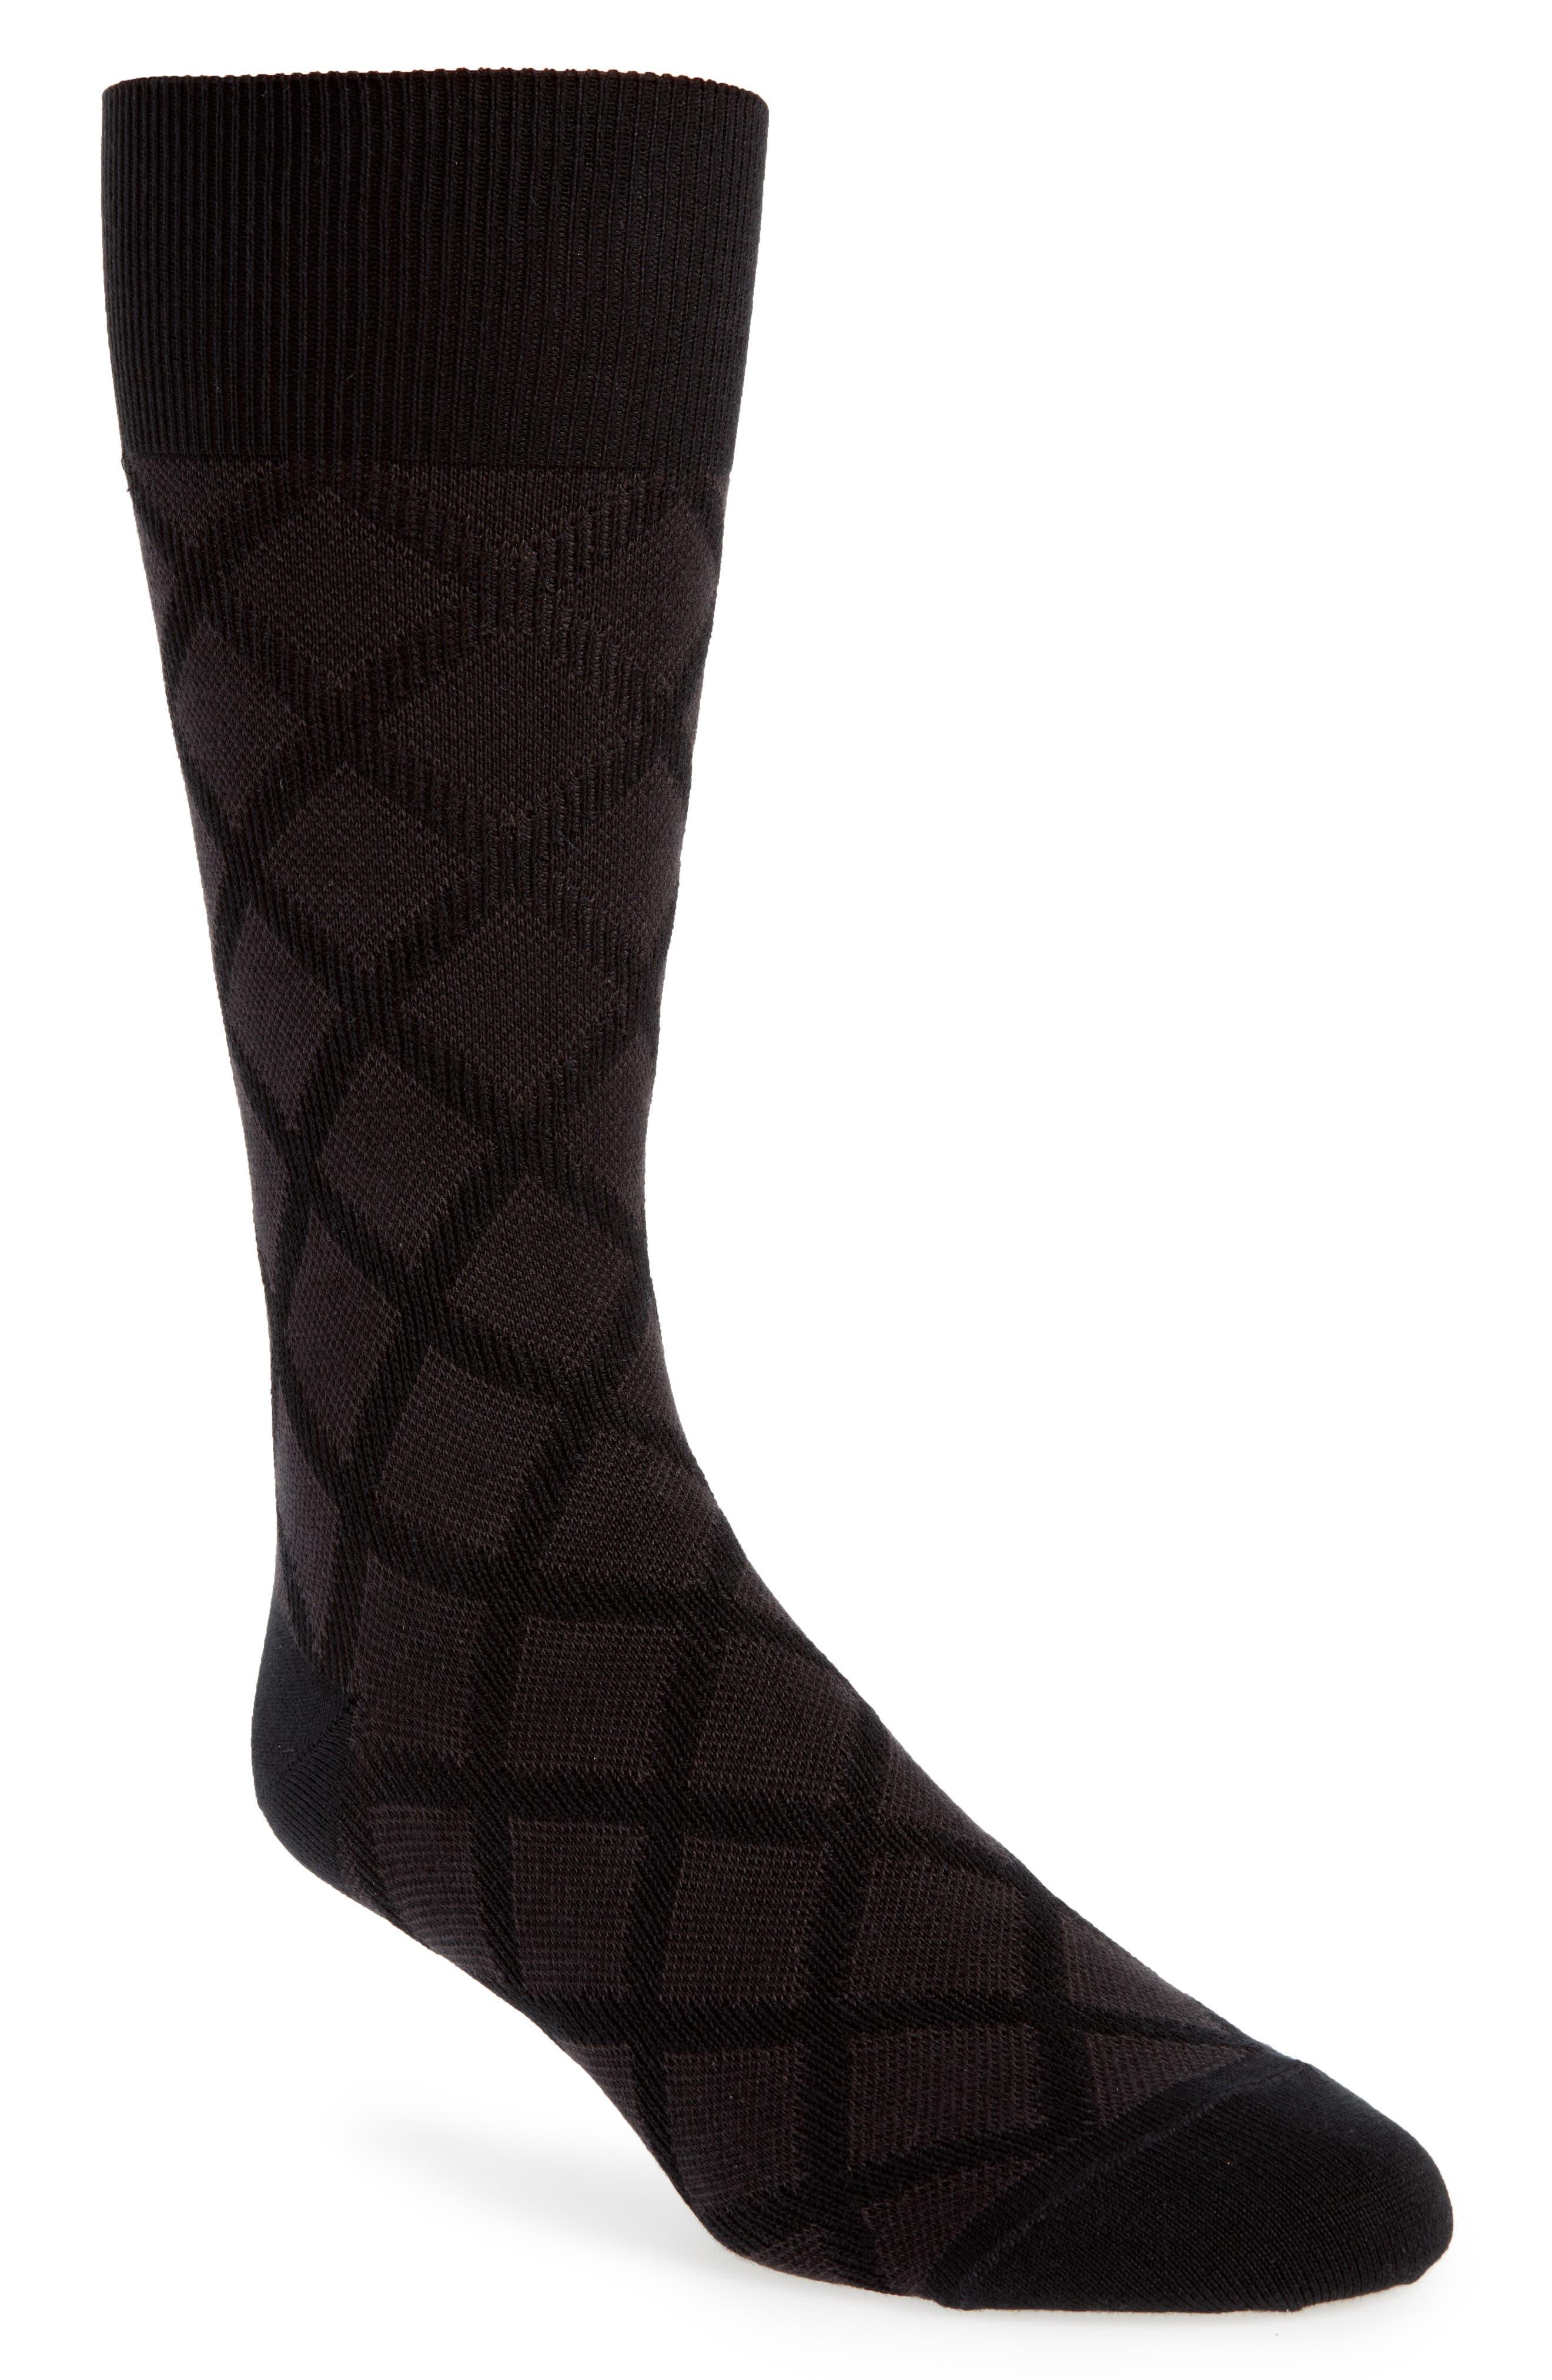 Diamond Grid Socks,                             Main thumbnail 1, color,                             BLACK